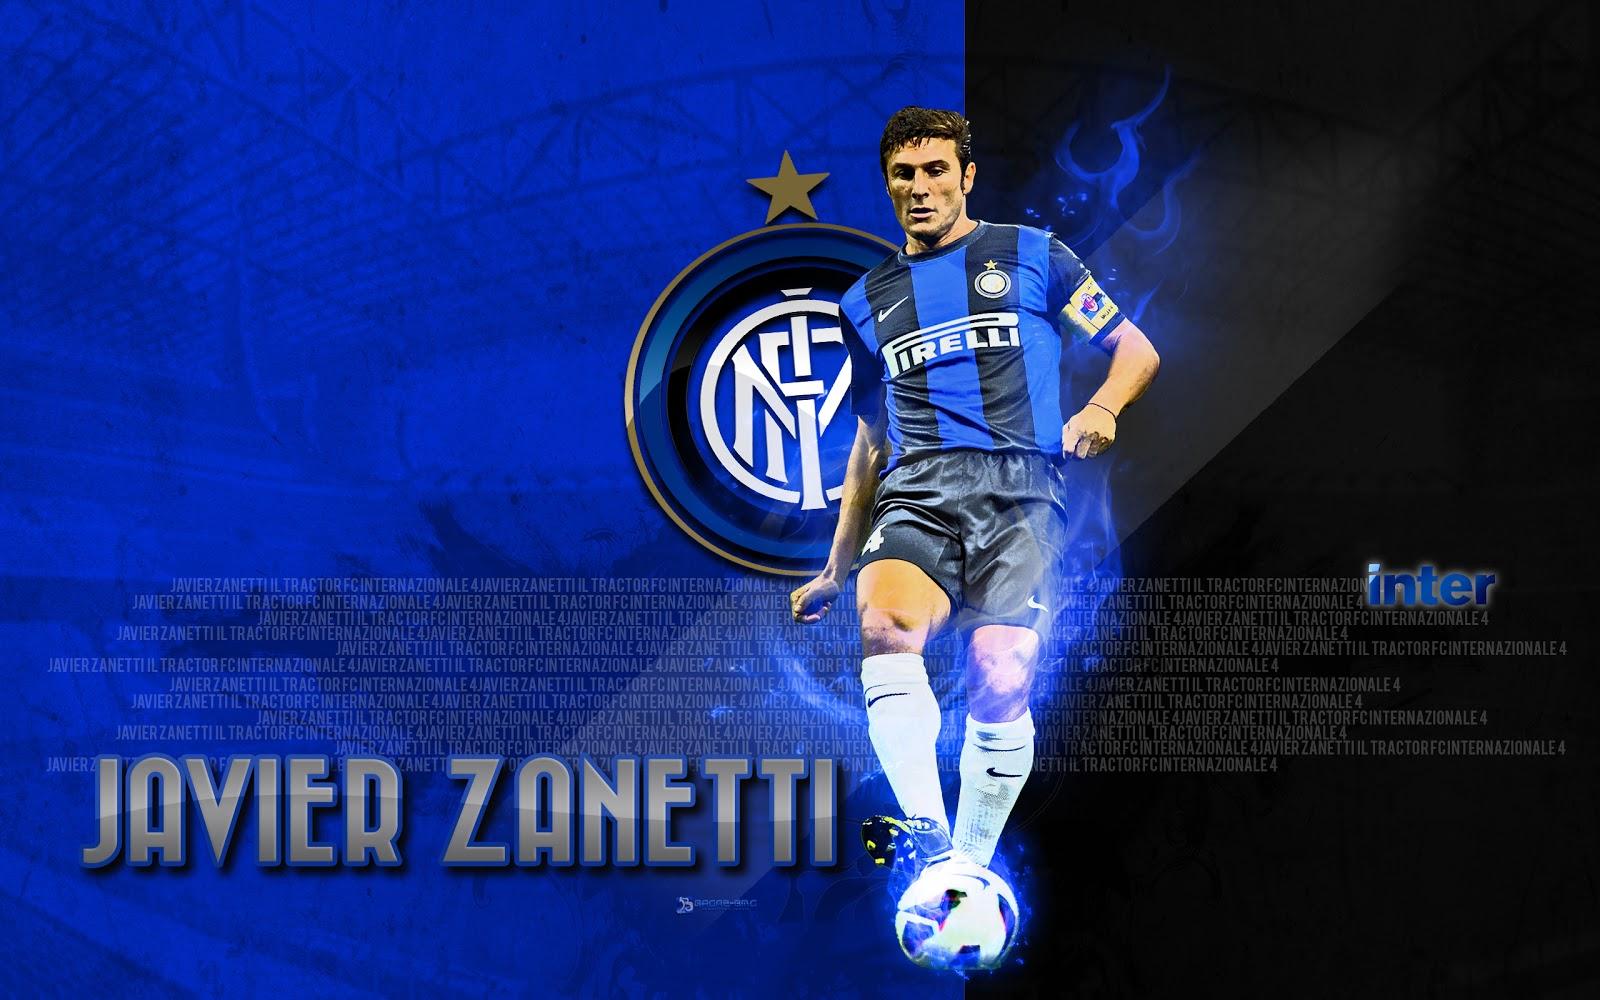 Javier Zanetti - ELLE Man -7